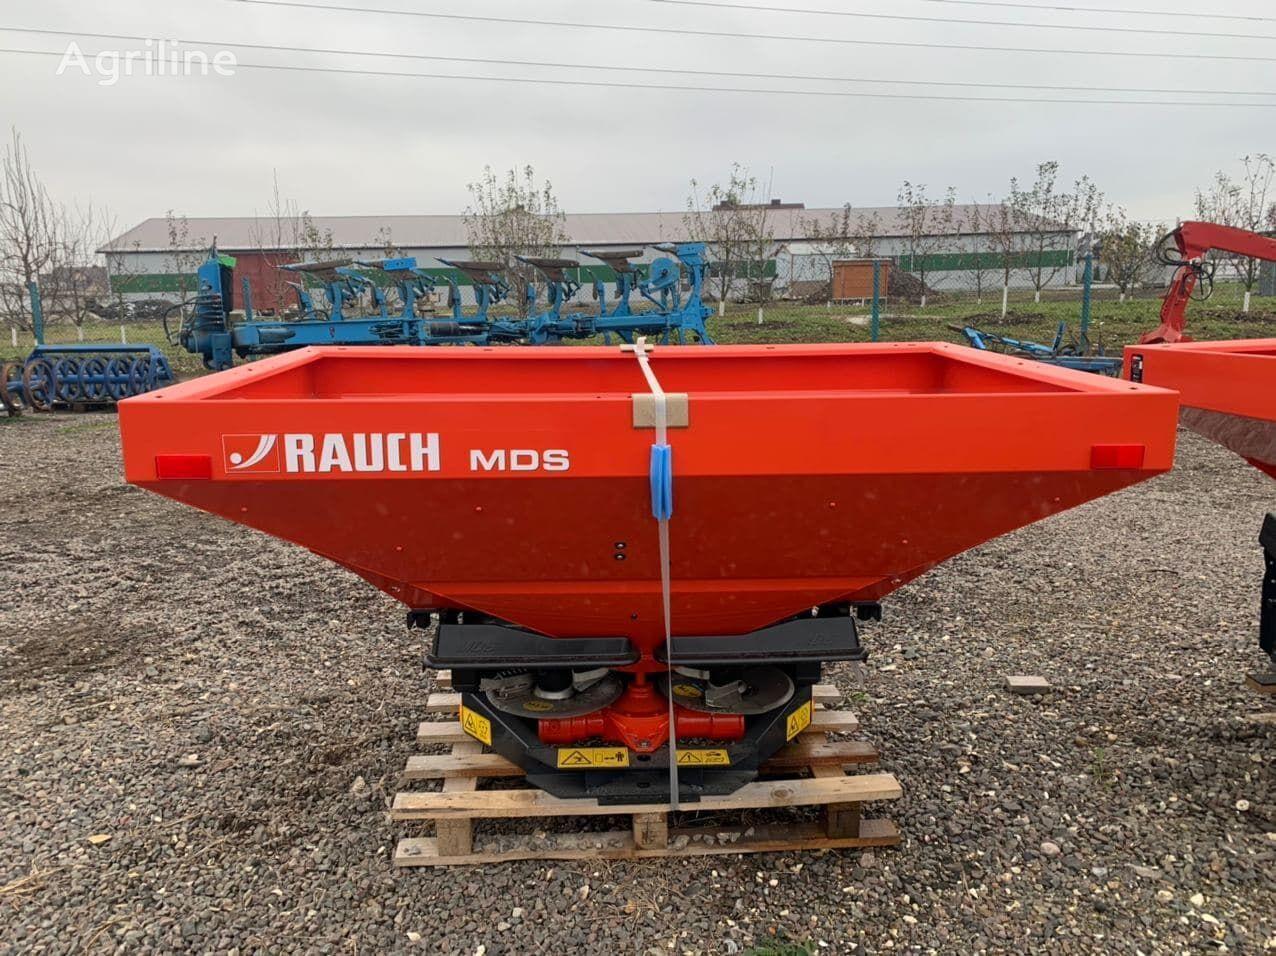 新固定式肥料撒布机 RAUCH MDS 19.1